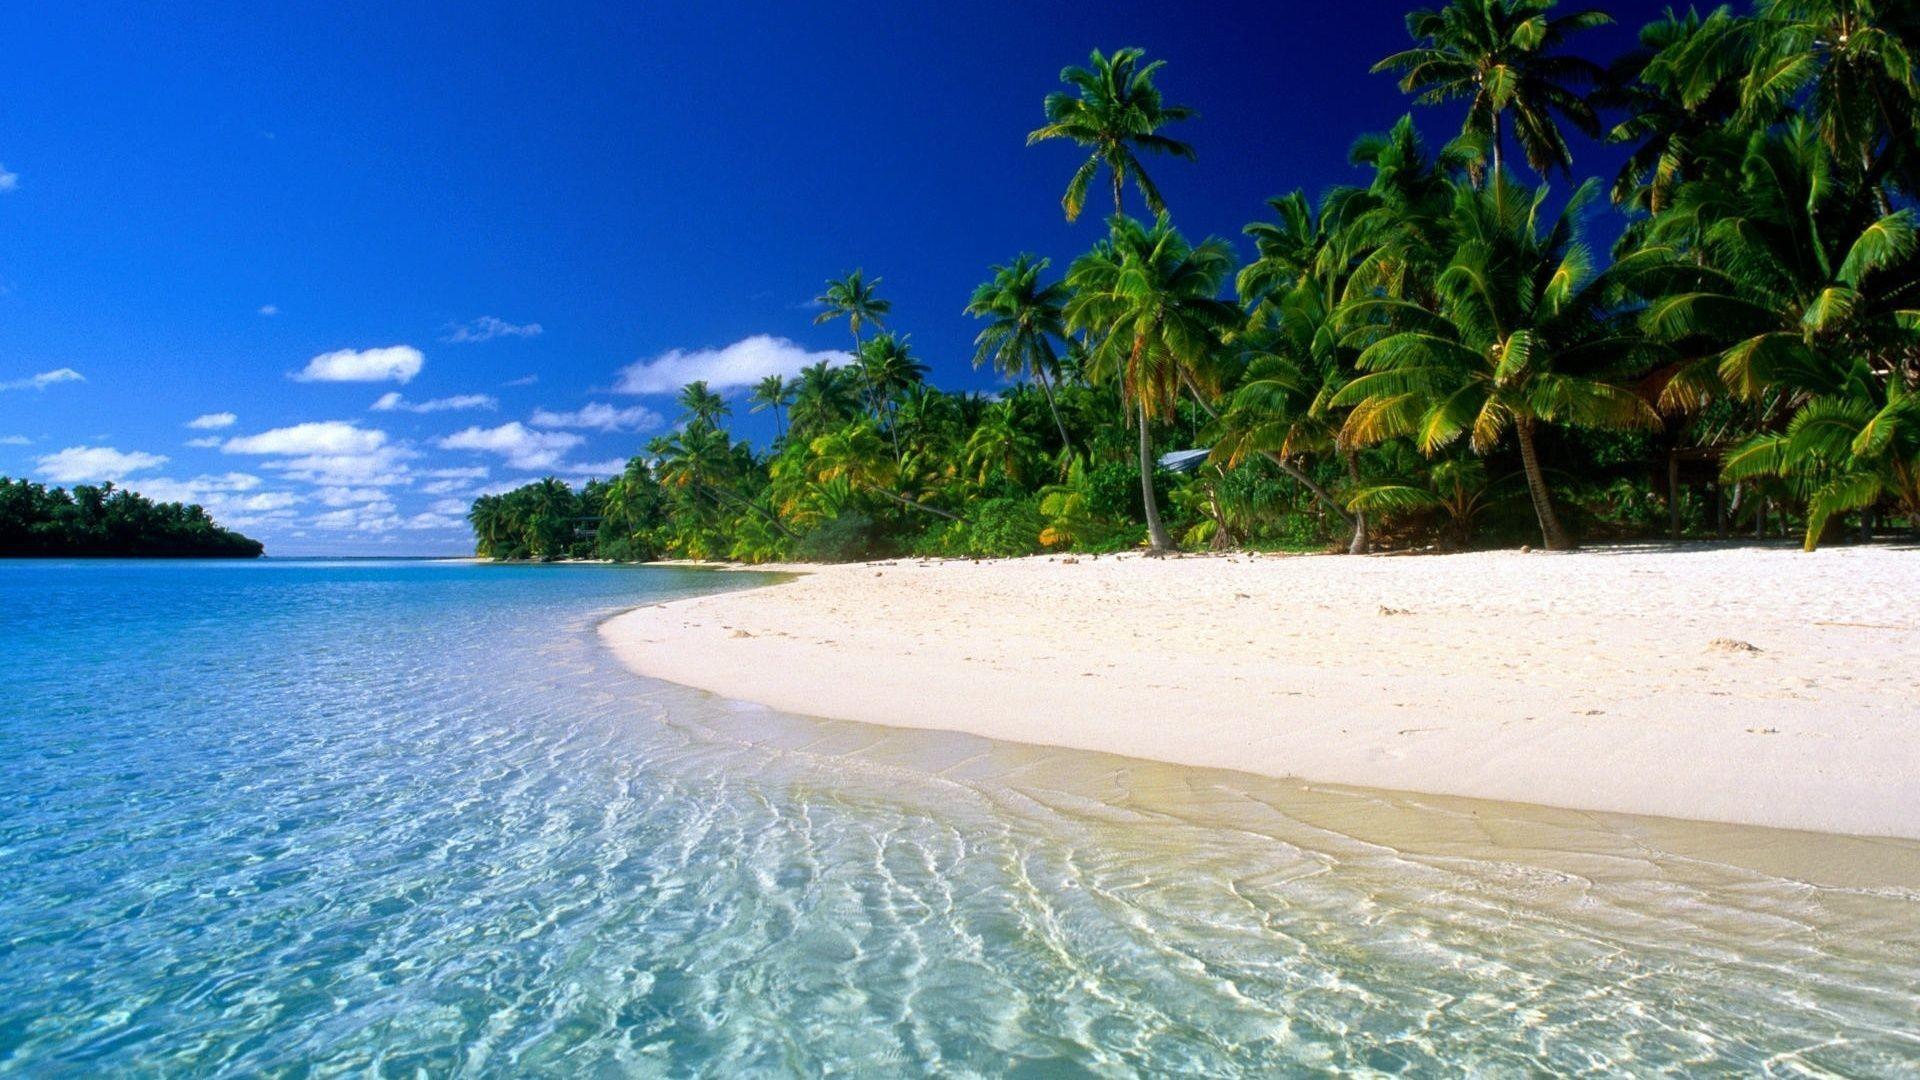 beautiful dream beach Natural Beautiful Beach HD Wallpaper